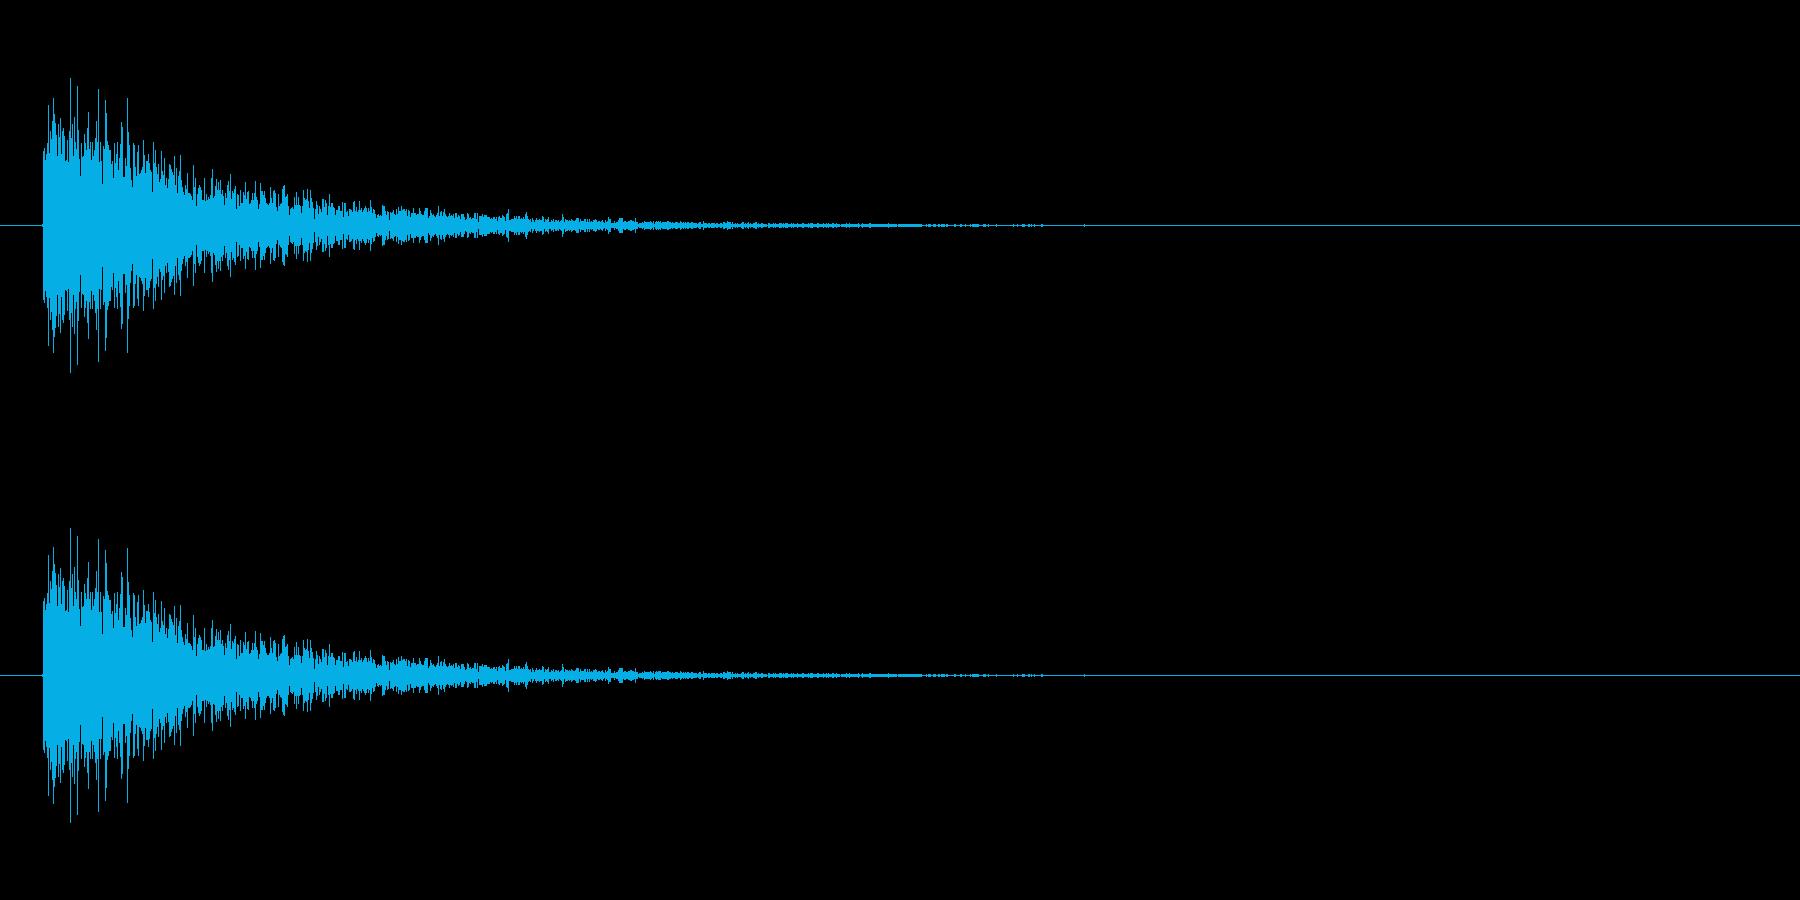 防御 3の再生済みの波形